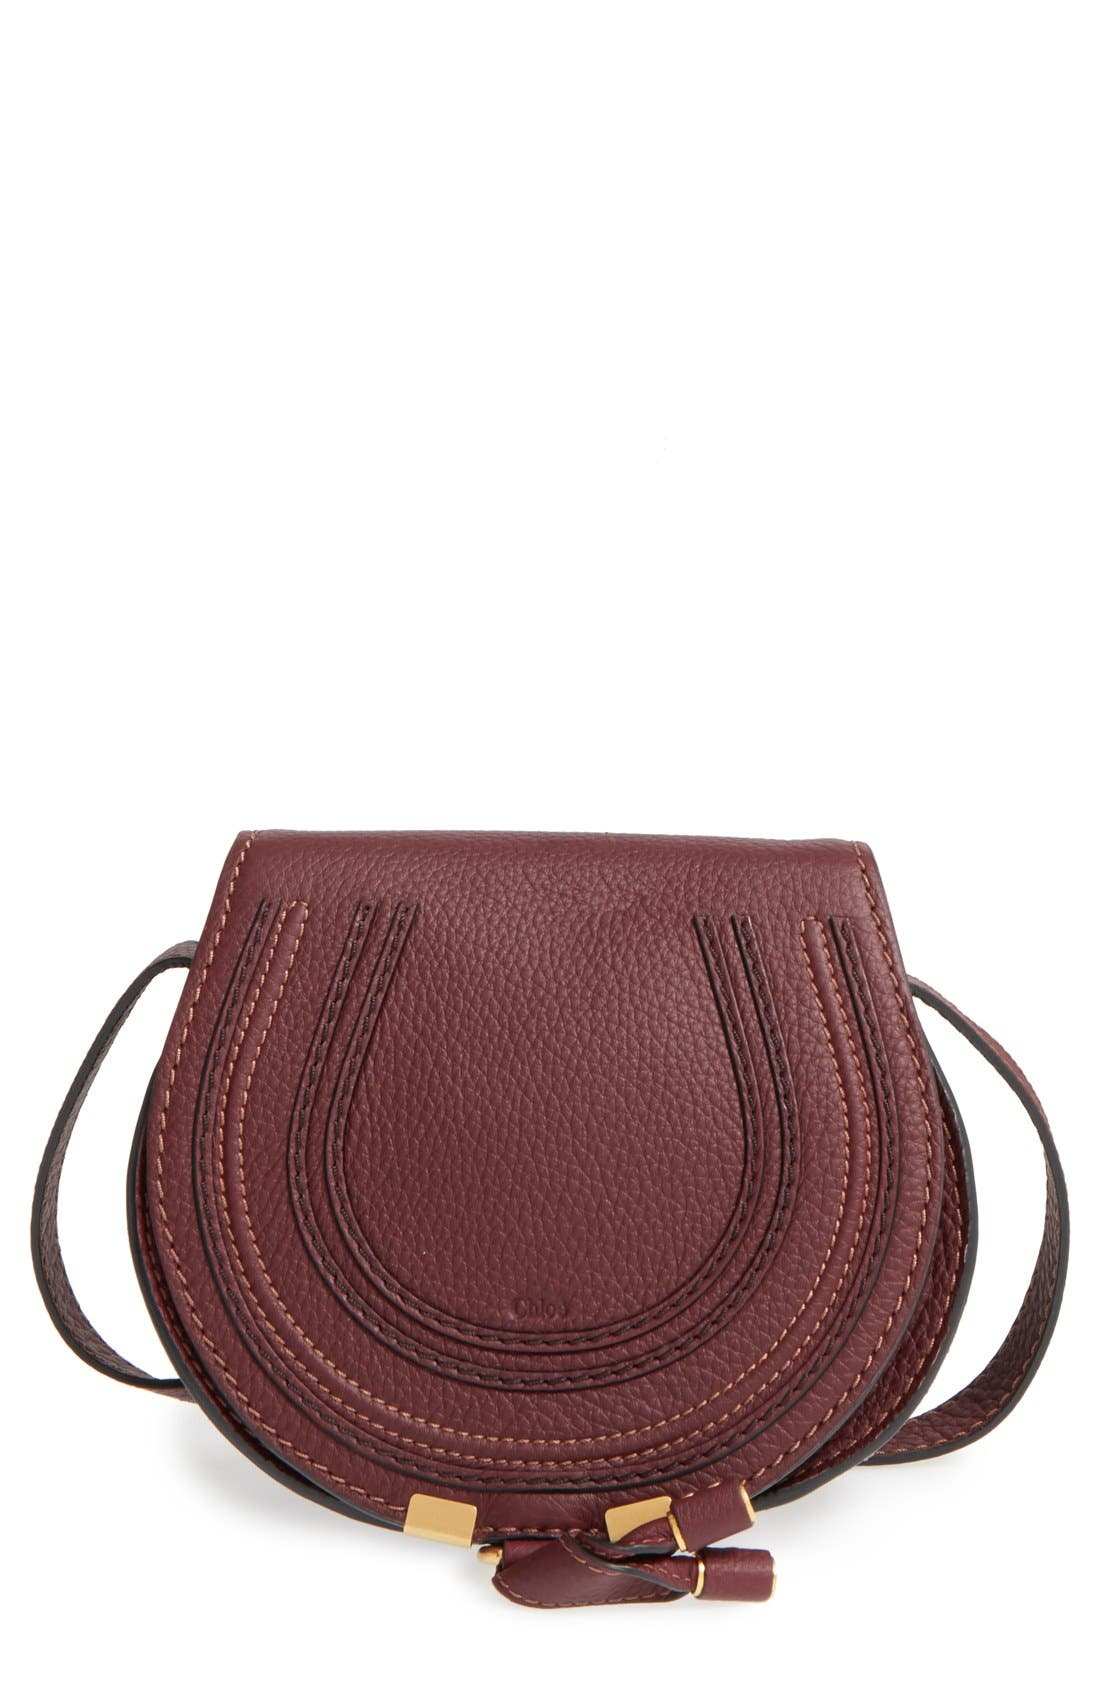 Chloé 'Mini Marcie' Leather Crossbody Bag